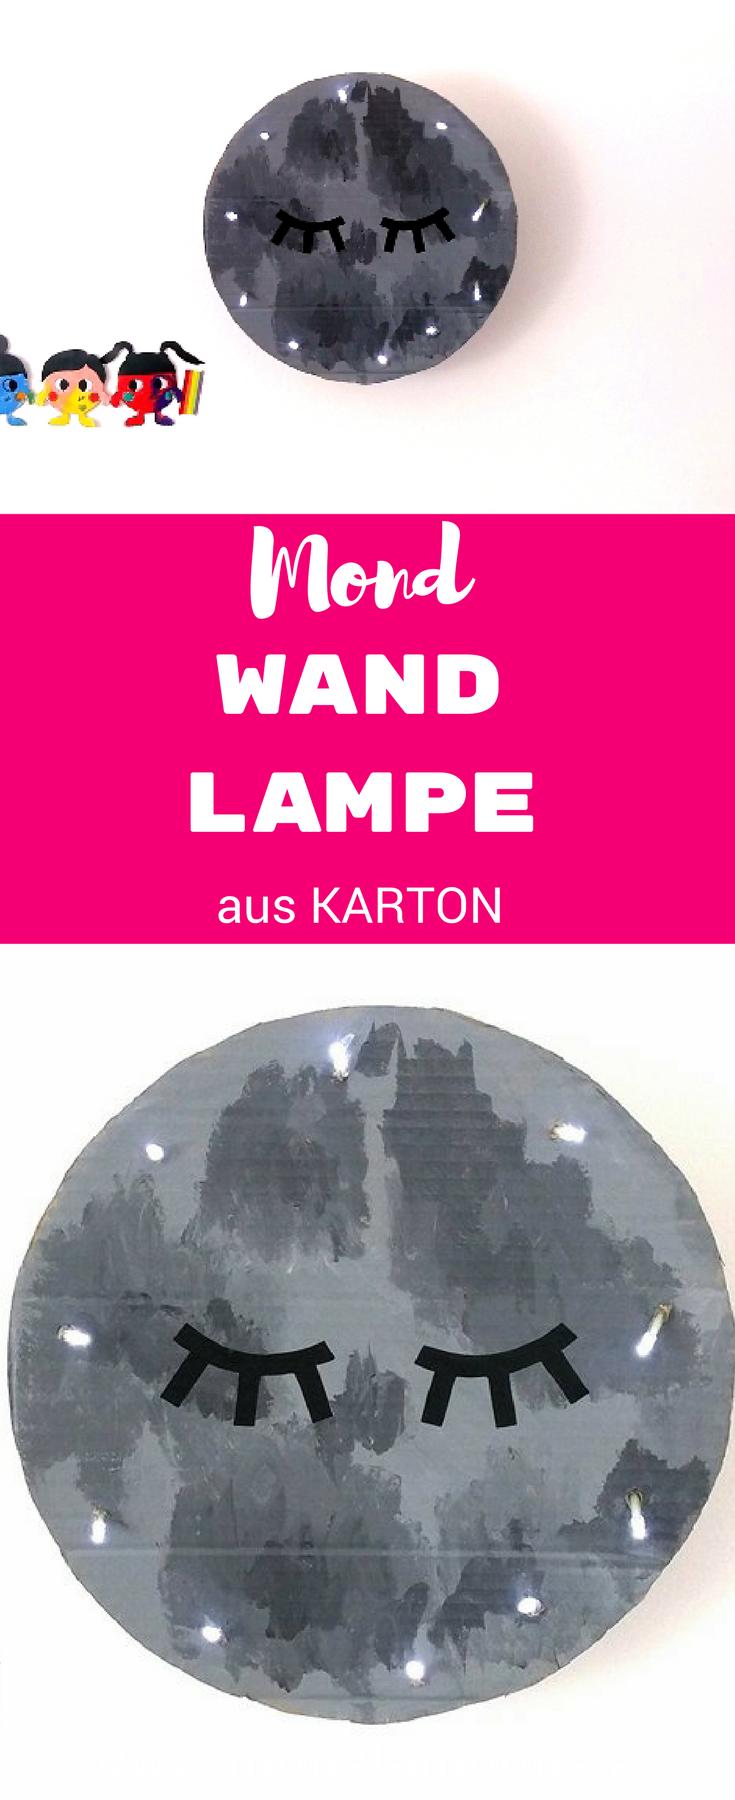 Mond Wandlampe für's Kinderzimmer, Kinderzimmer Ideen, moon crafts, Monstamoons, Basteln mit Karton,cardboard crafts